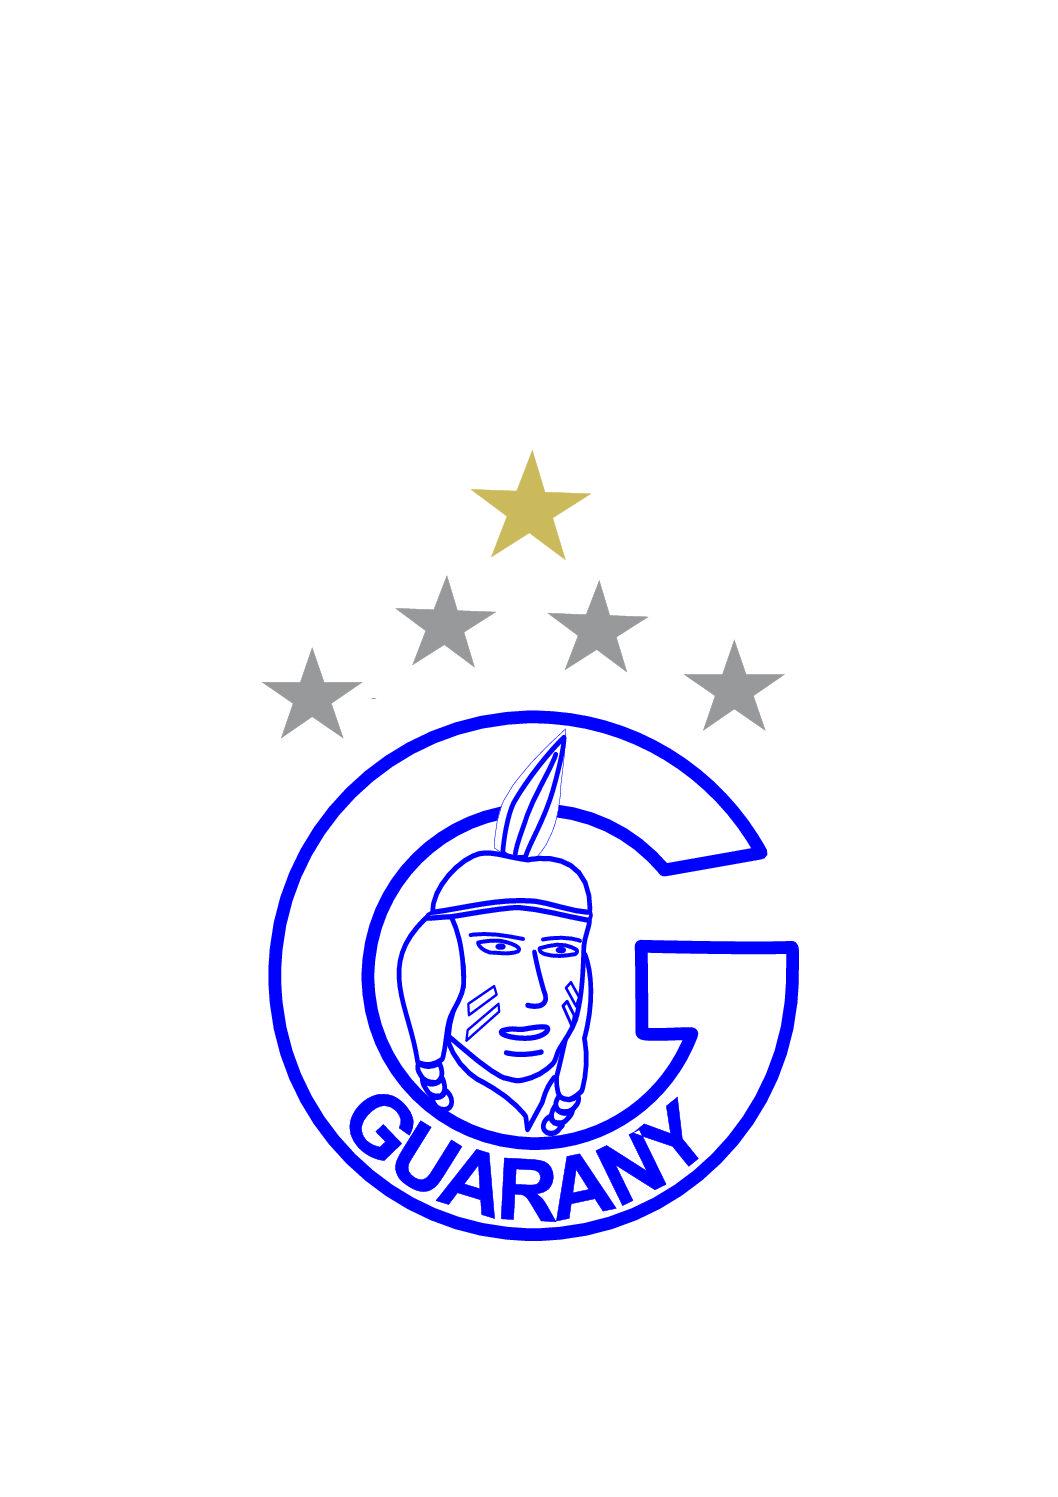 FARDAMENTO PERSONALIZADO PARA EQUIPE DO GUARANI DE LINHA FLORESTA/SELBACH.